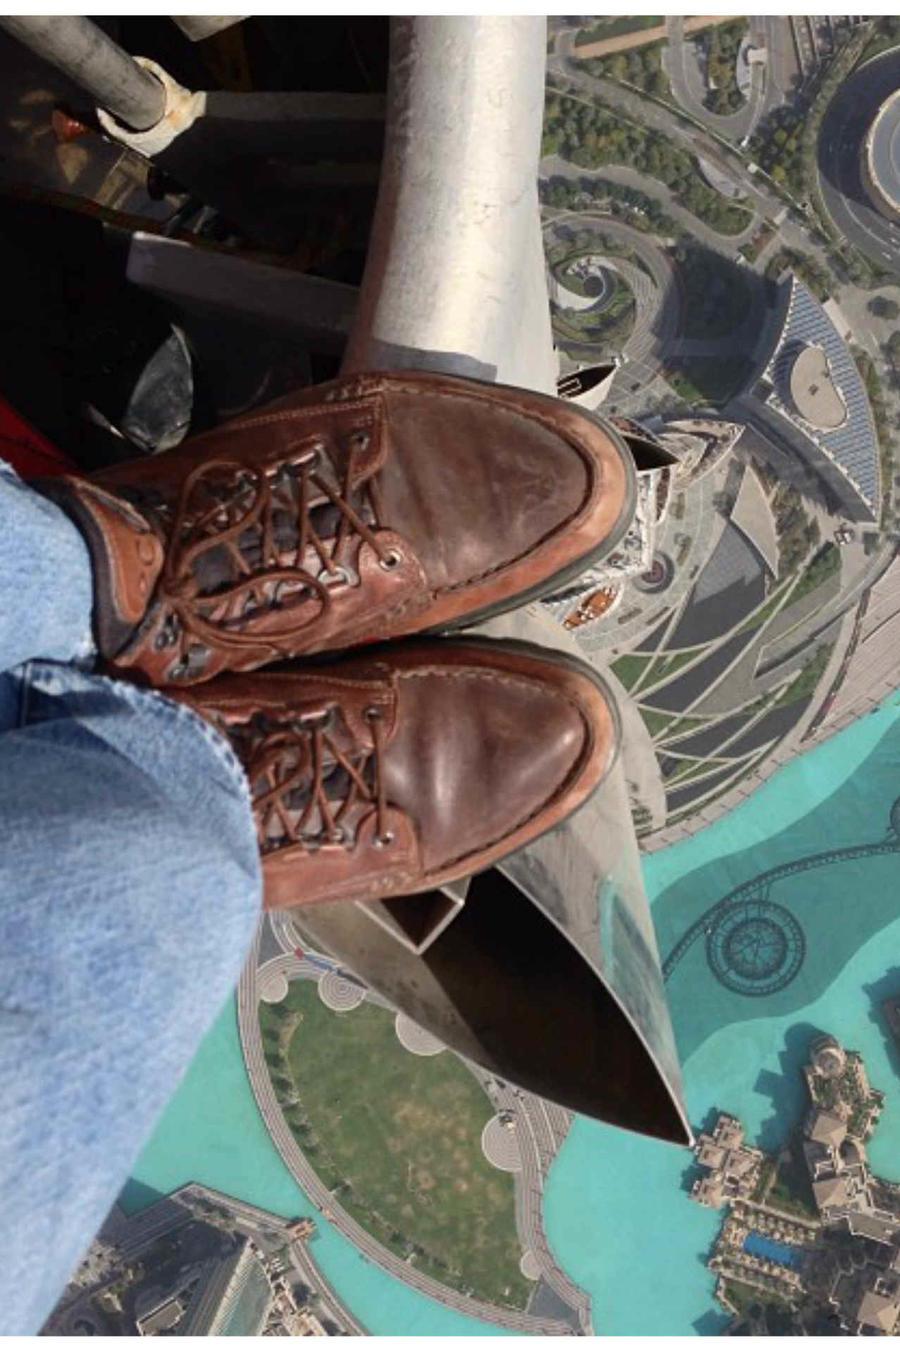 Imagen de pies desde un rascacielos y en el fondo, abajo, la ciudad.